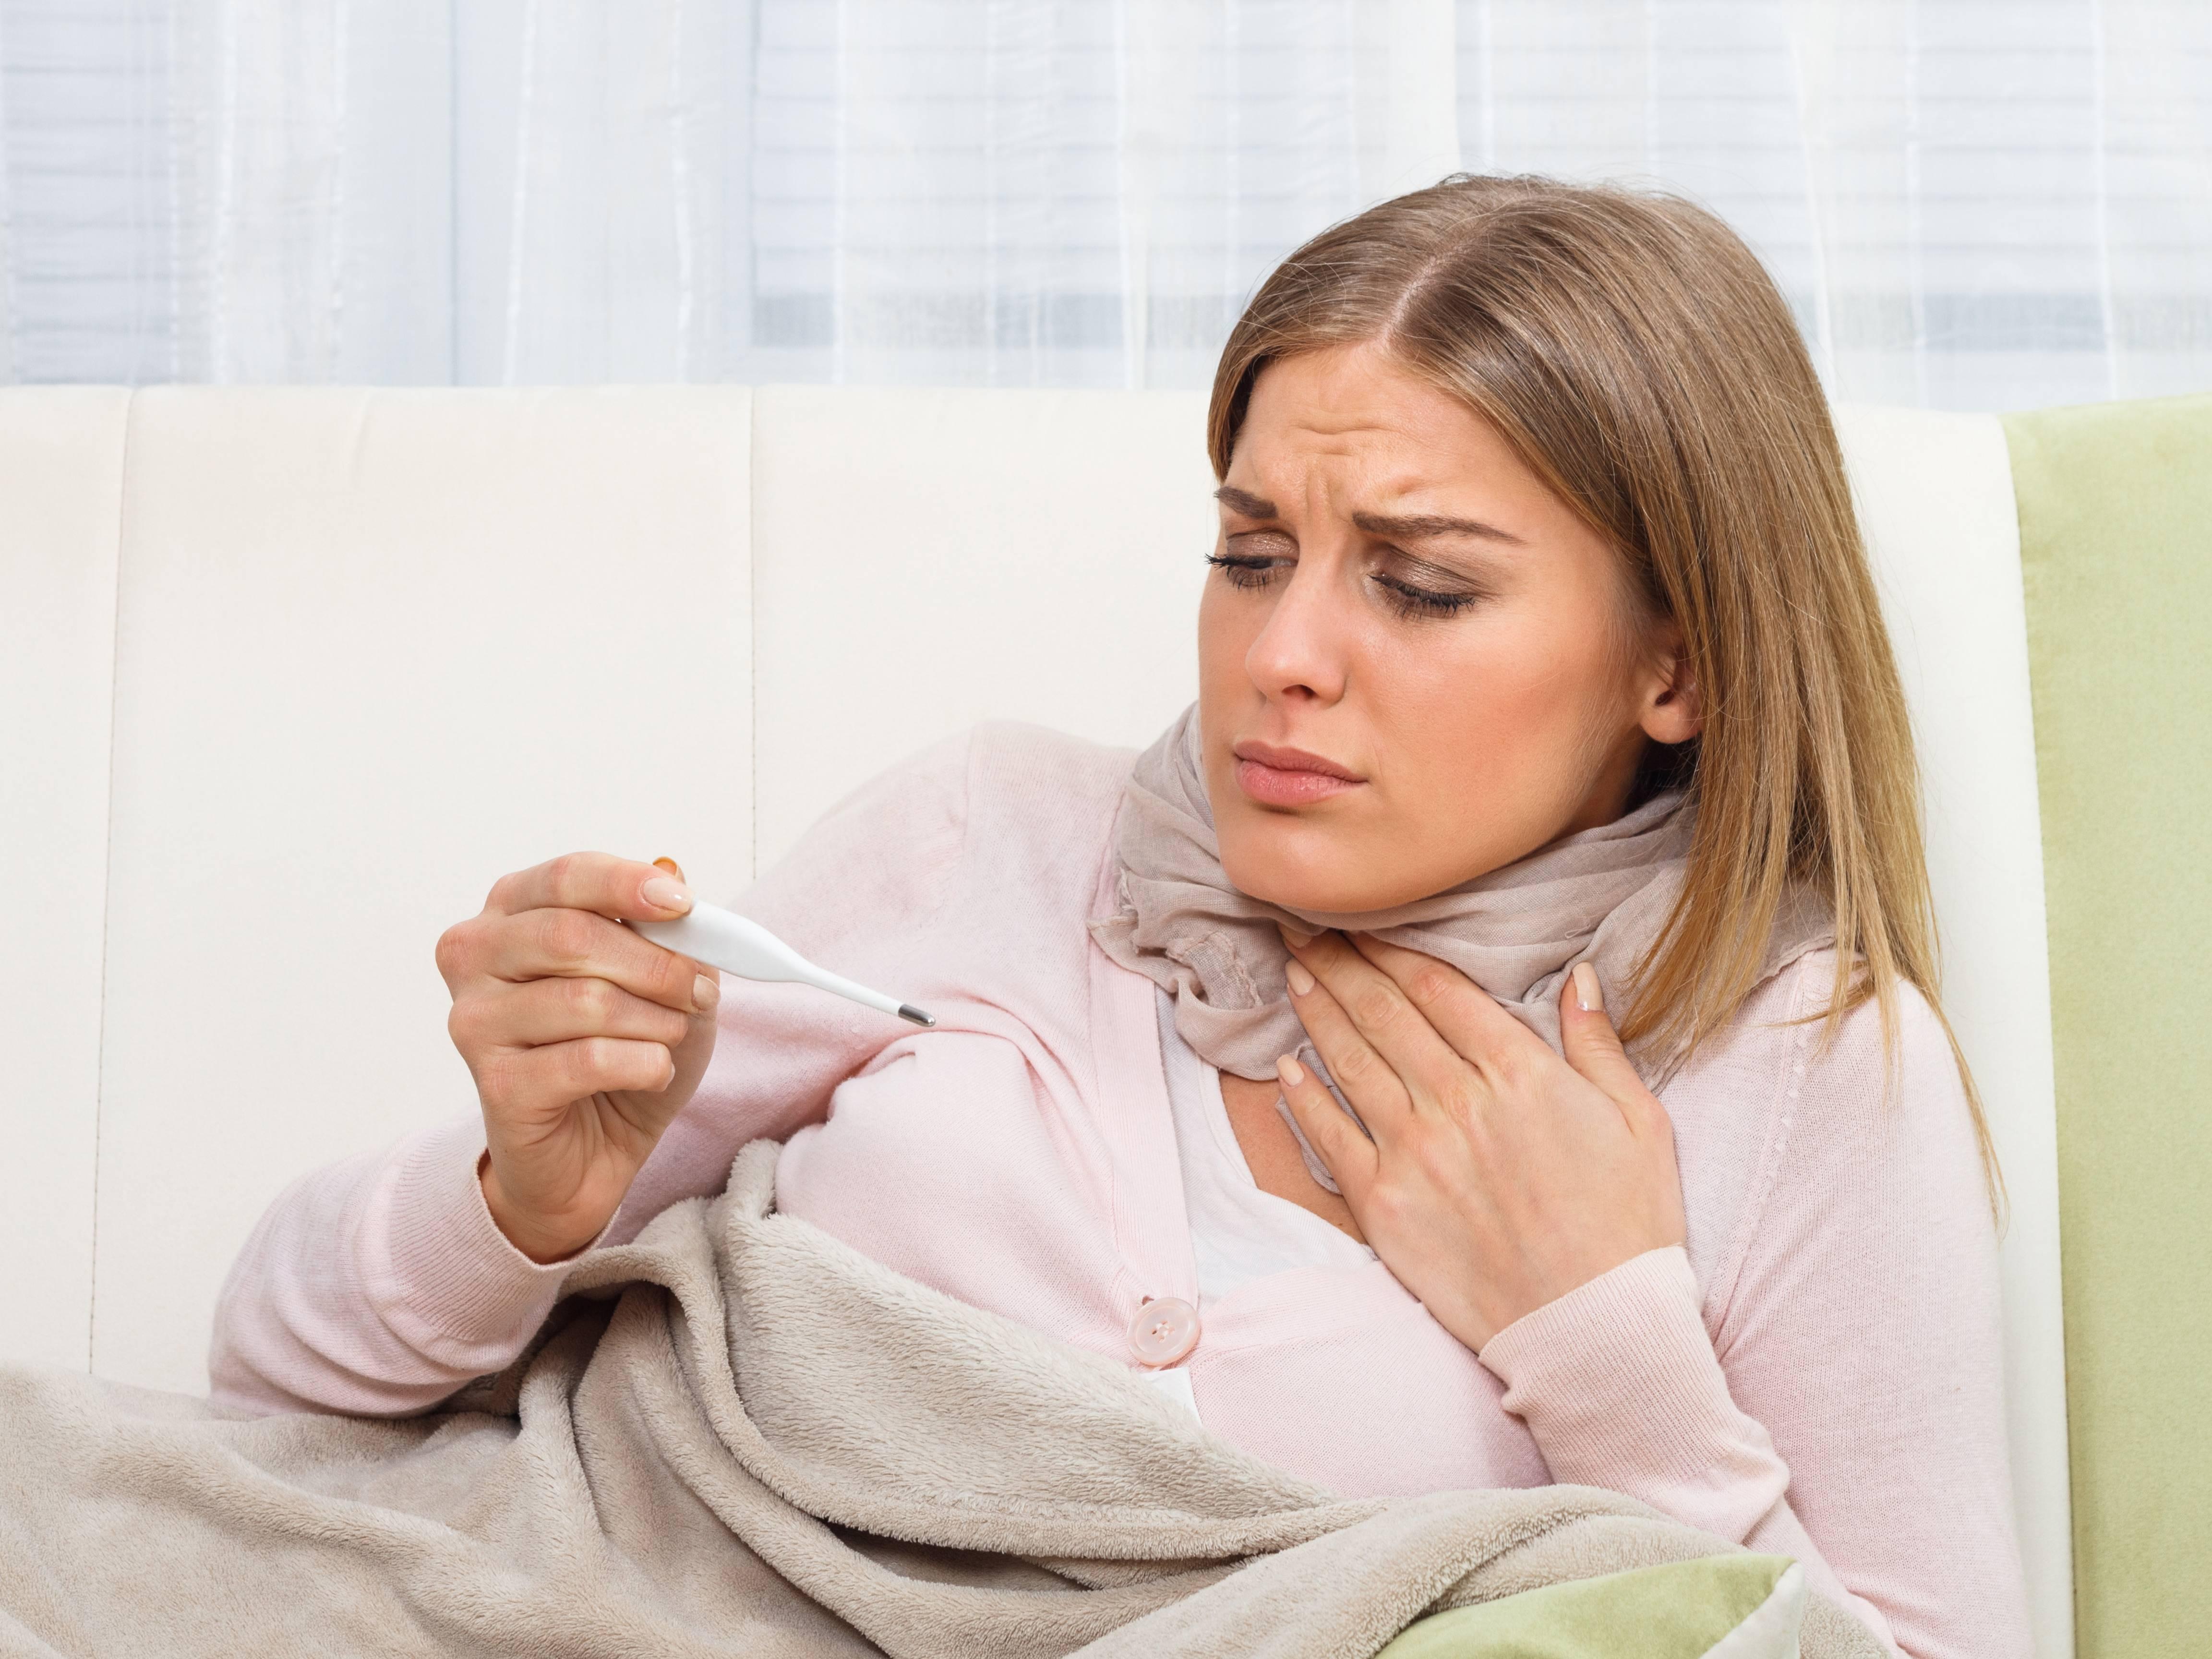 Почему бывает кашель без других симптомов и температуры: возможные причины и лечение